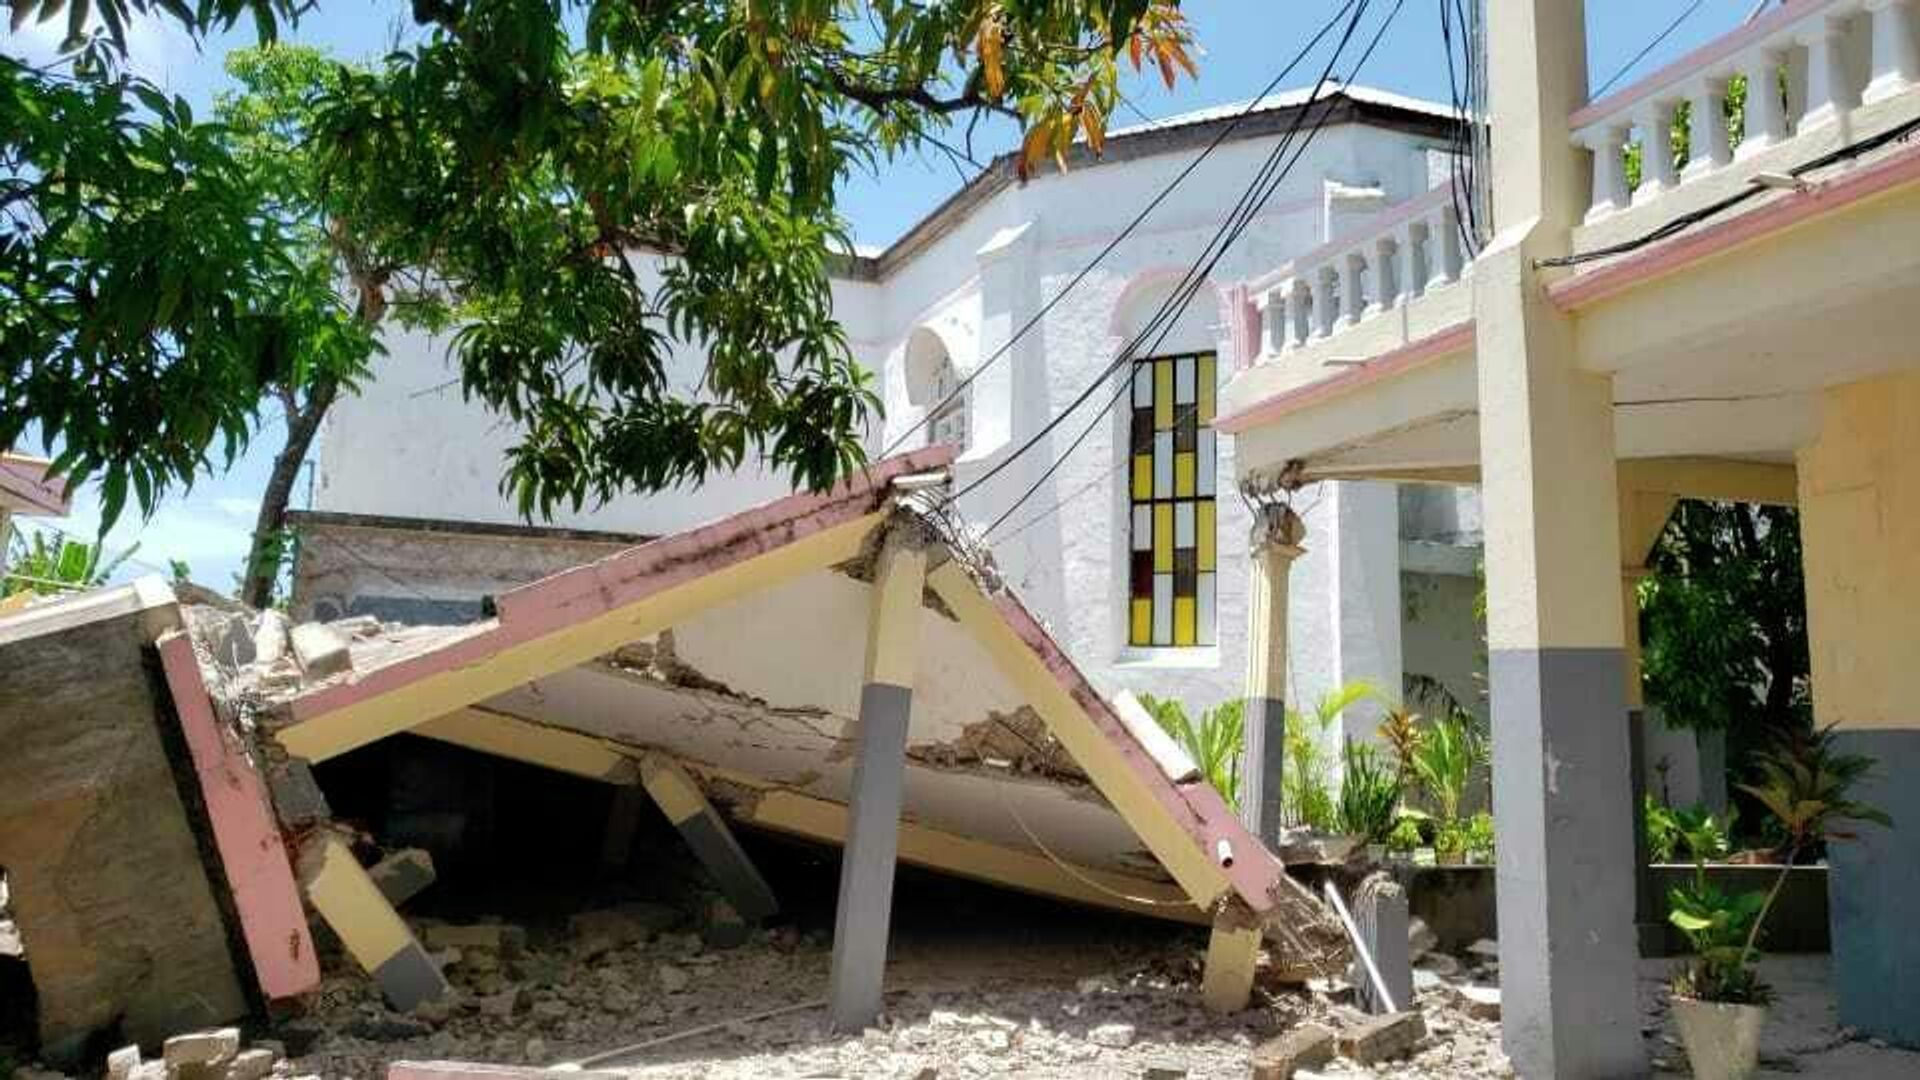 Последствия землетрясения на Гаити - РИА Новости, 1920, 15.08.2021